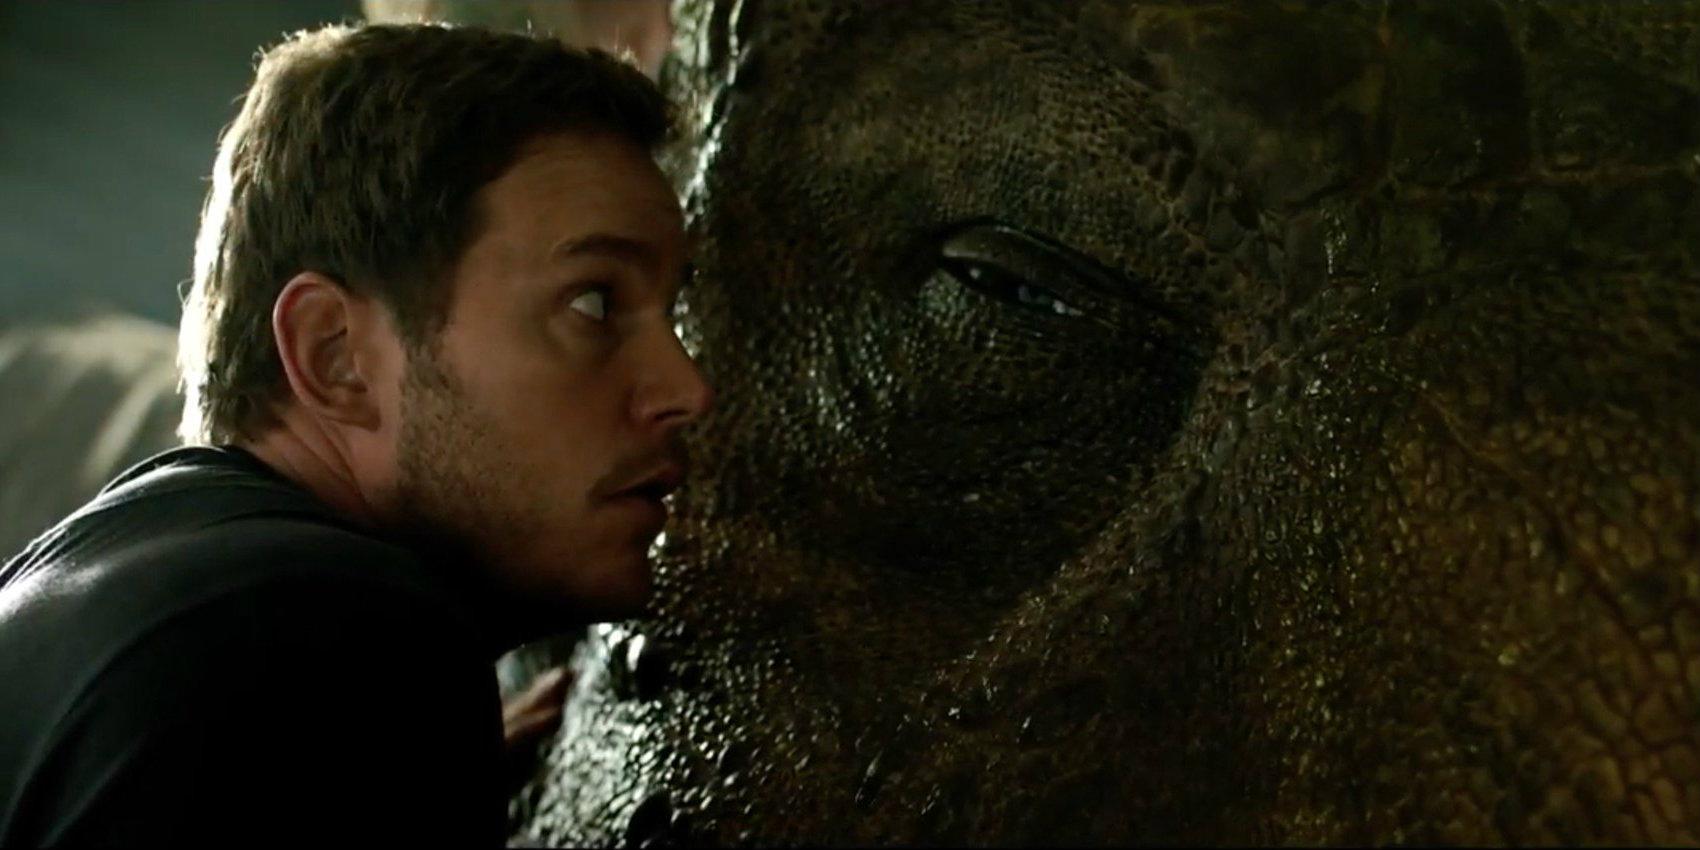 Дружи с Оушенами, спасай динозавров! Кинопремьеры июня